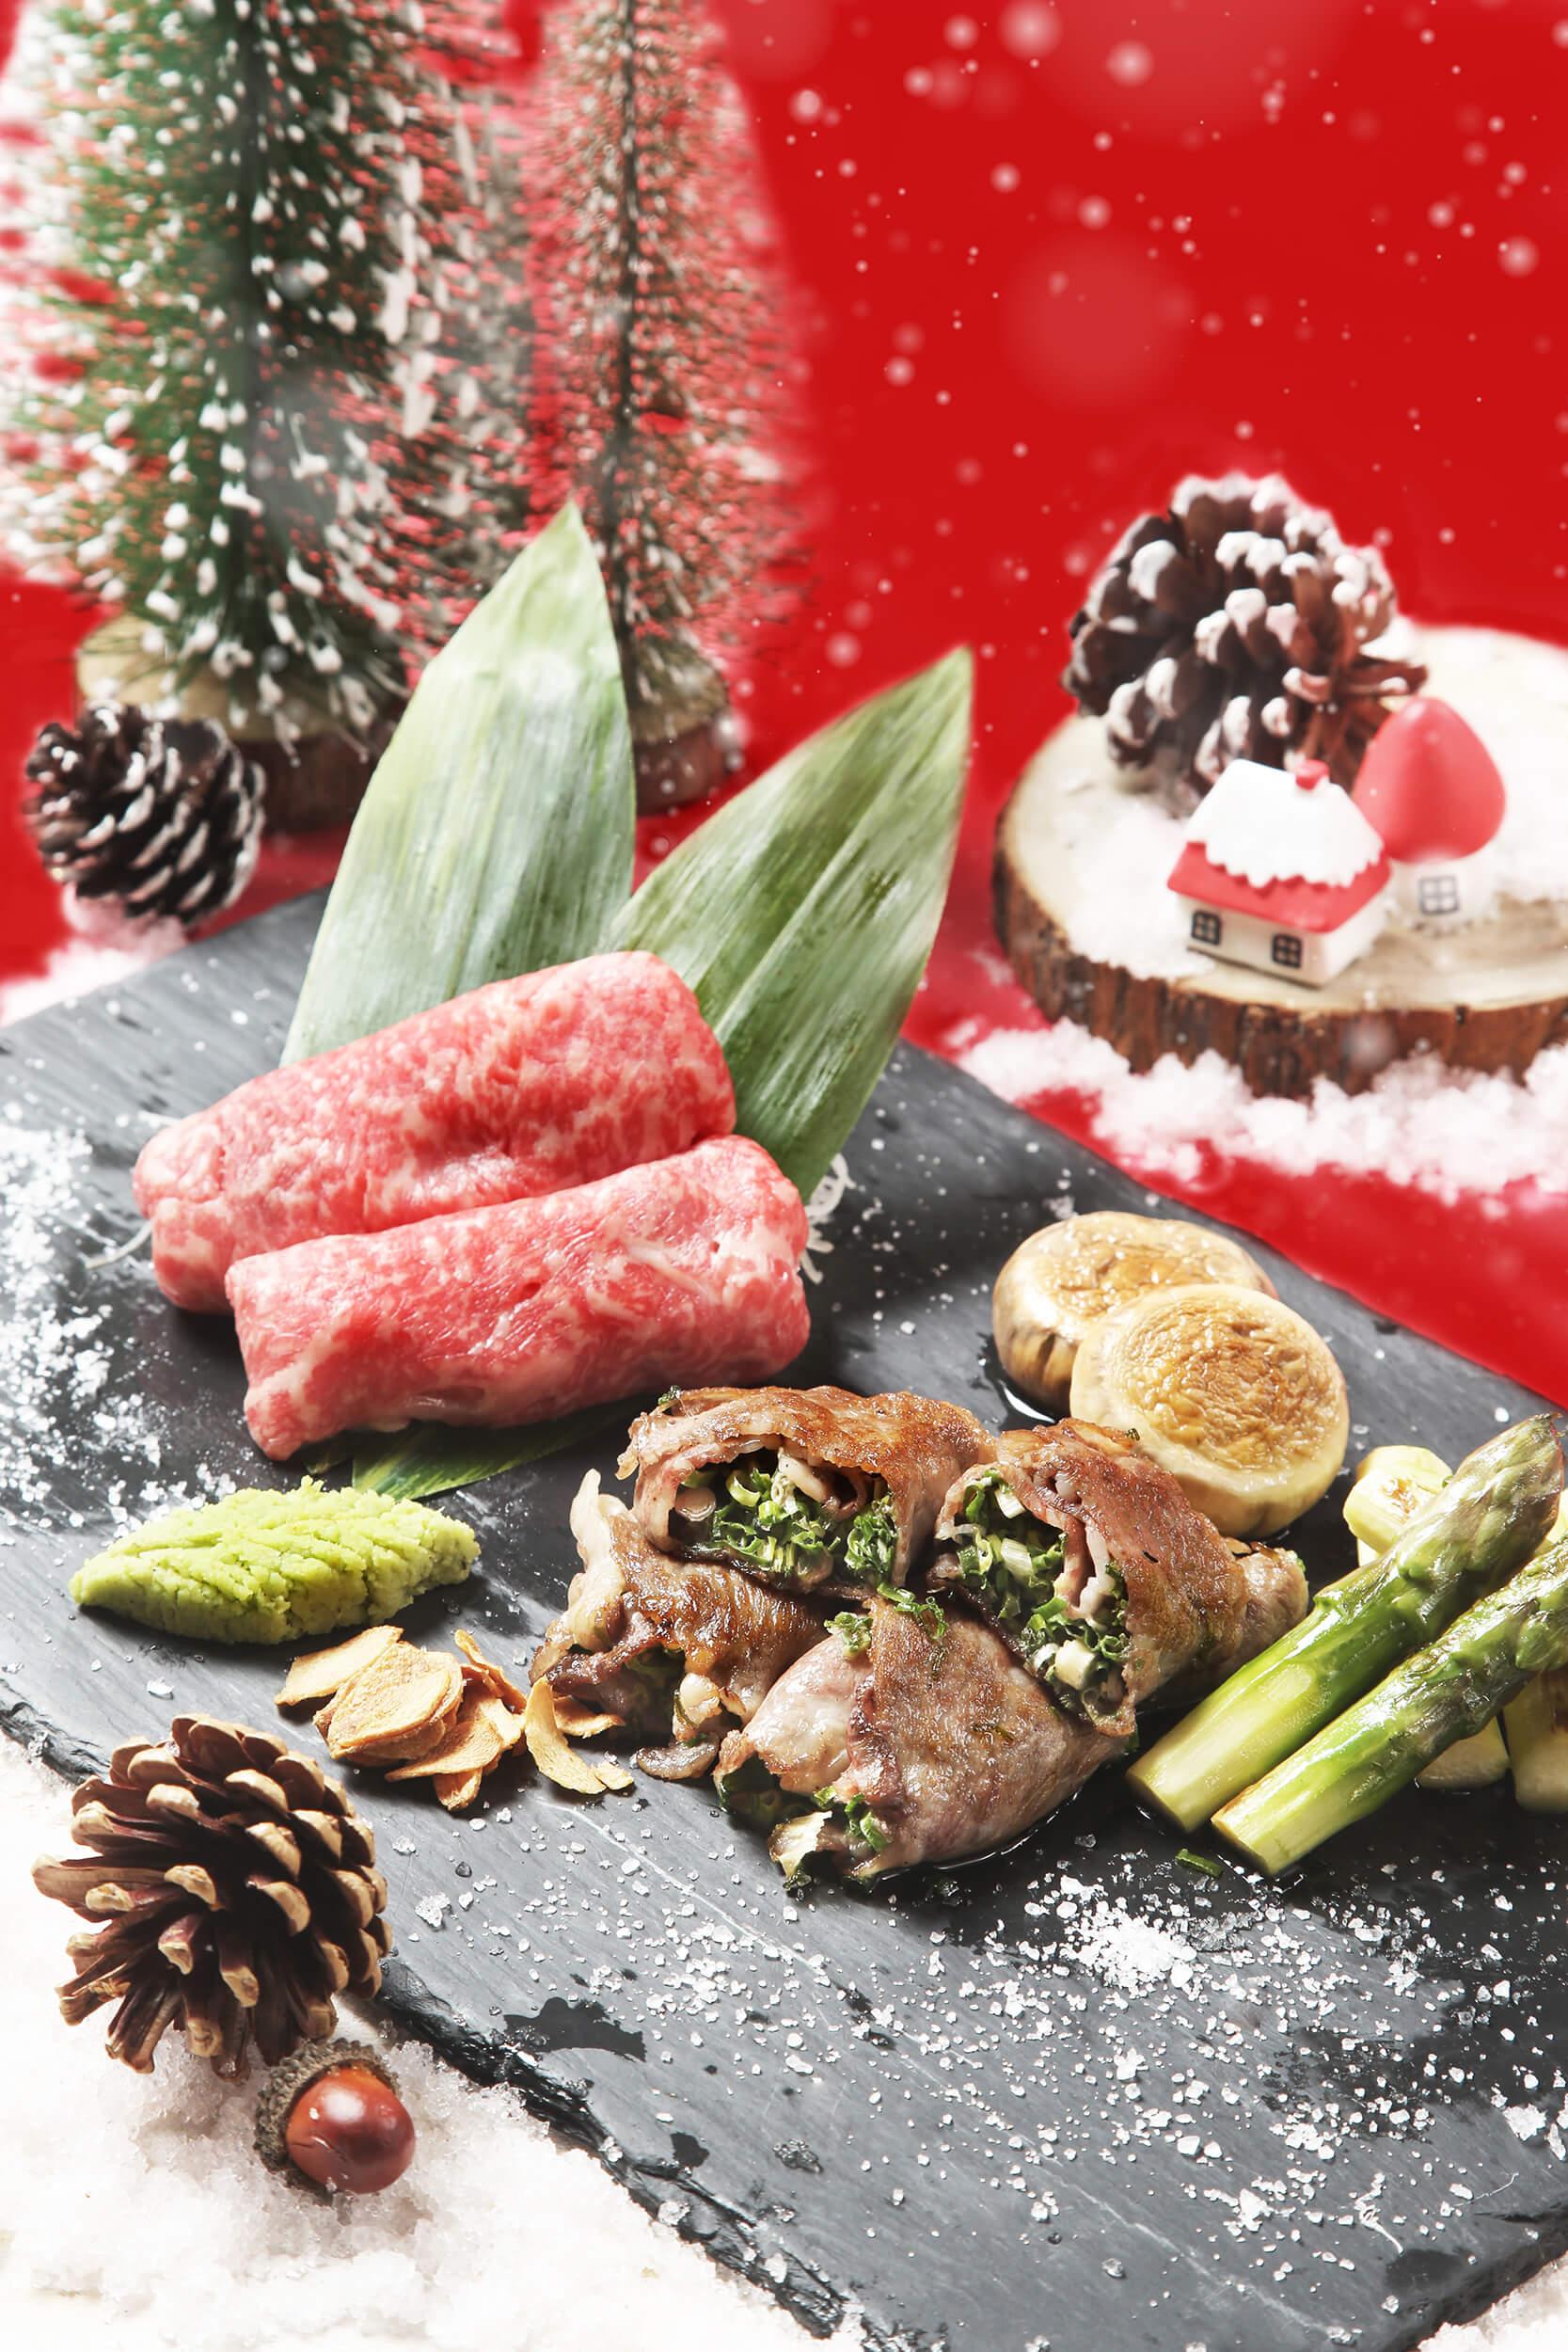 以日本宮崎A5和牛輕煎,豐盈肉汁令人難忘。